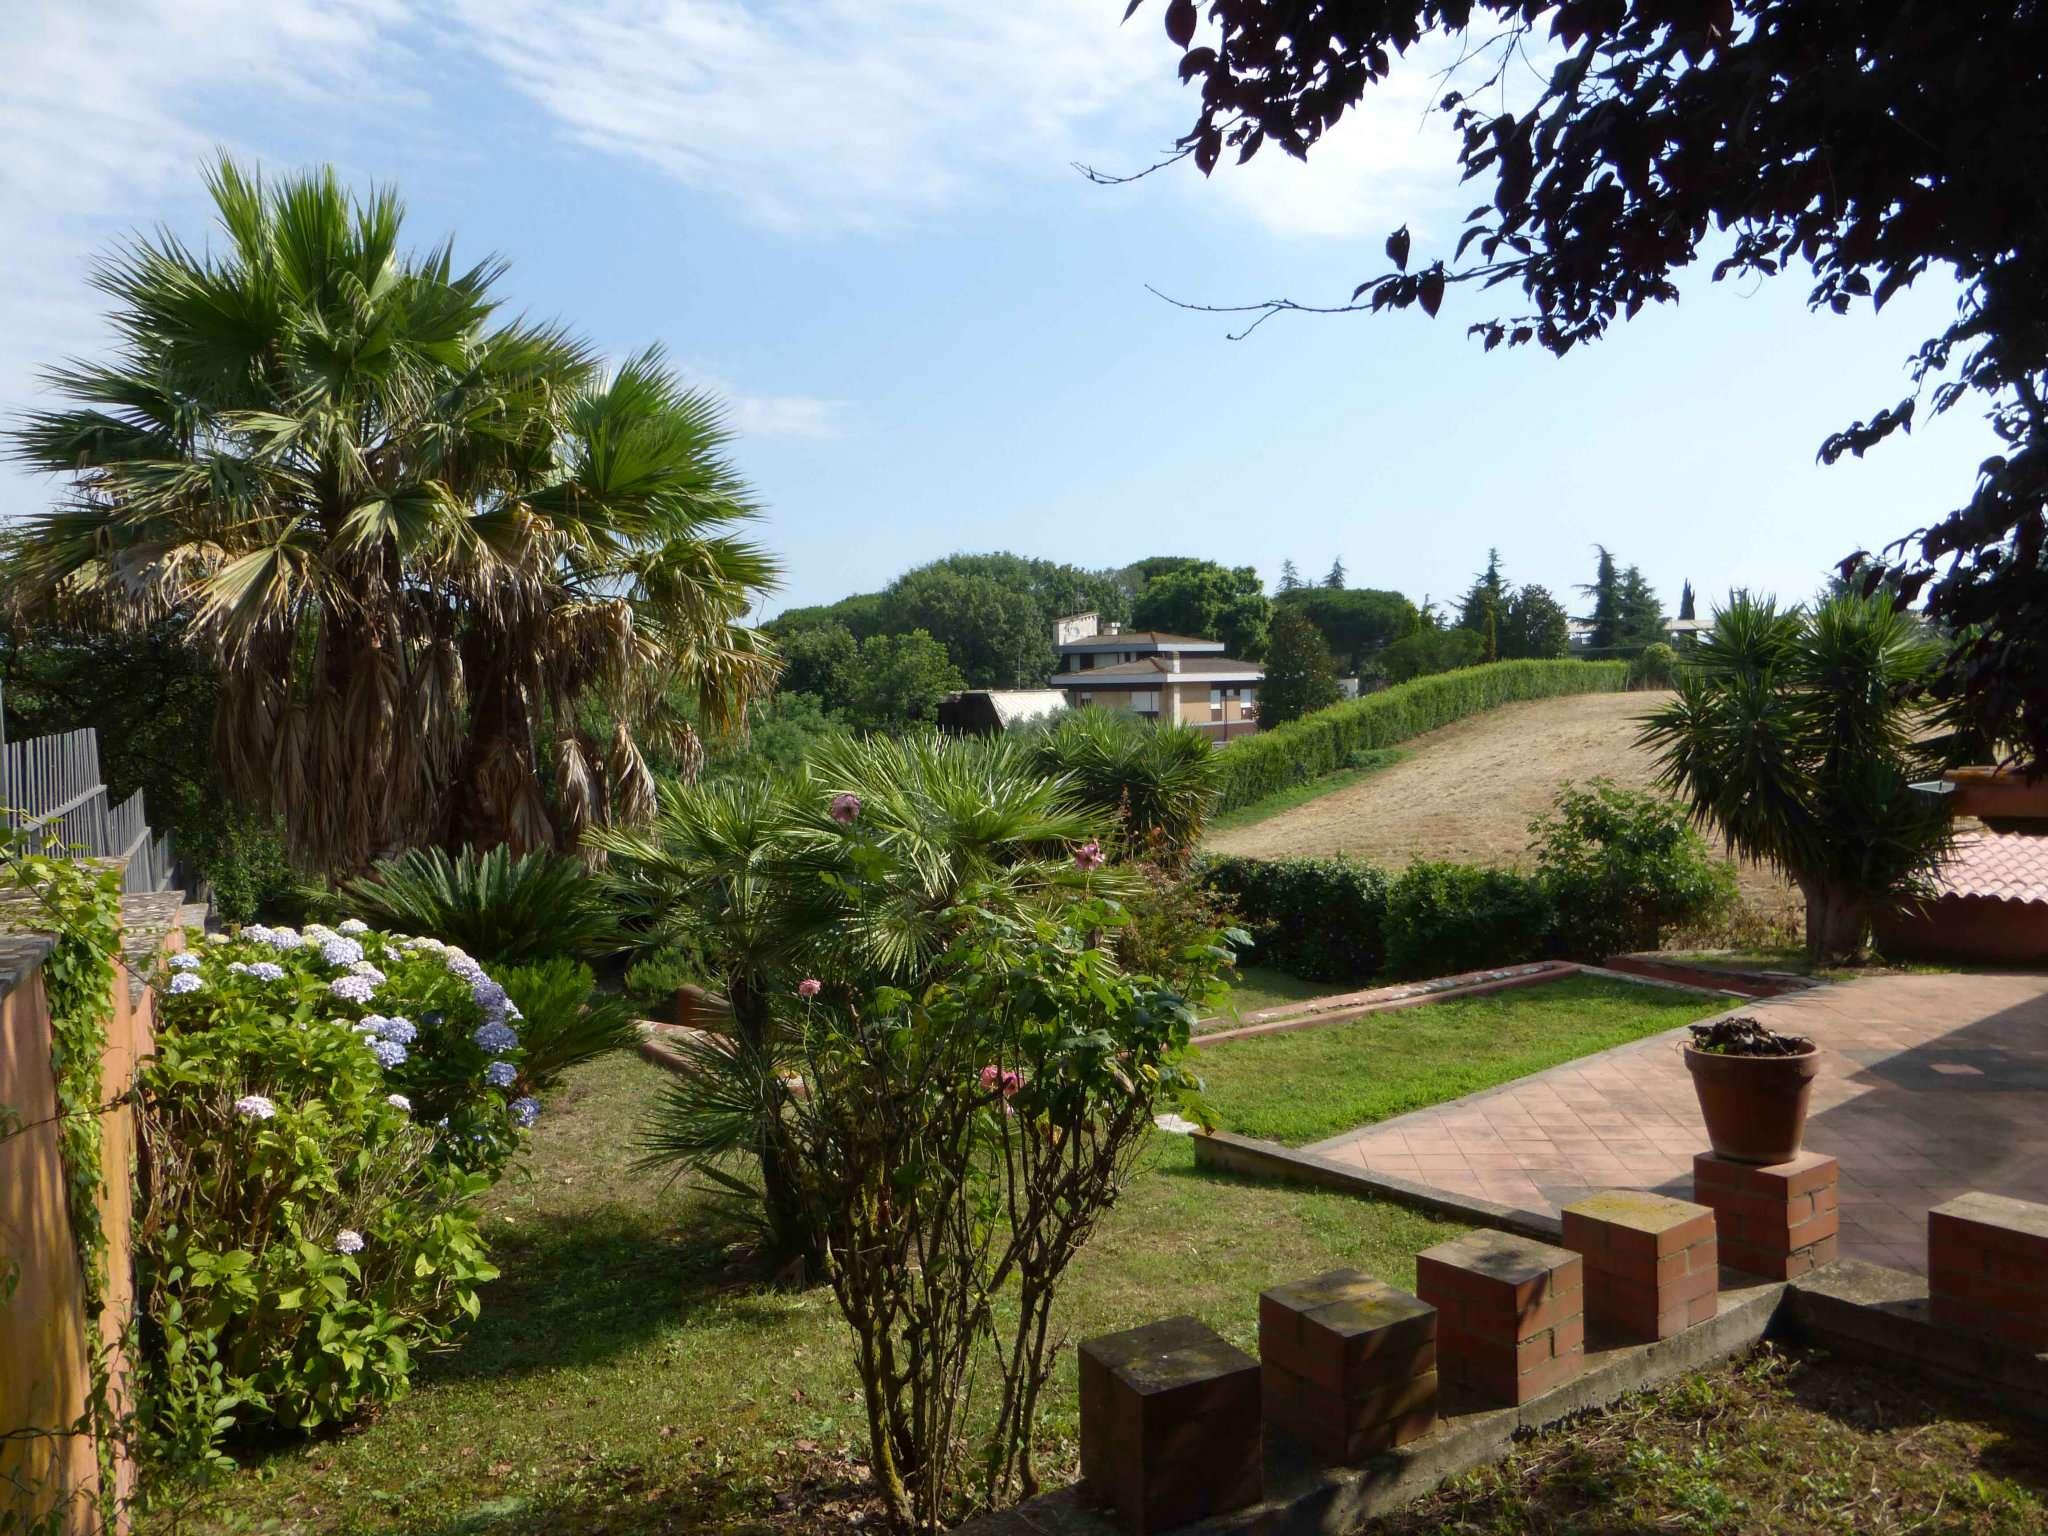 Soluzione Indipendente in vendita a Roma, 4 locali, zona Zona: 37 . Morena - Ciampino - Trigoria - Falcognana, prezzo € 319.000   CambioCasa.it